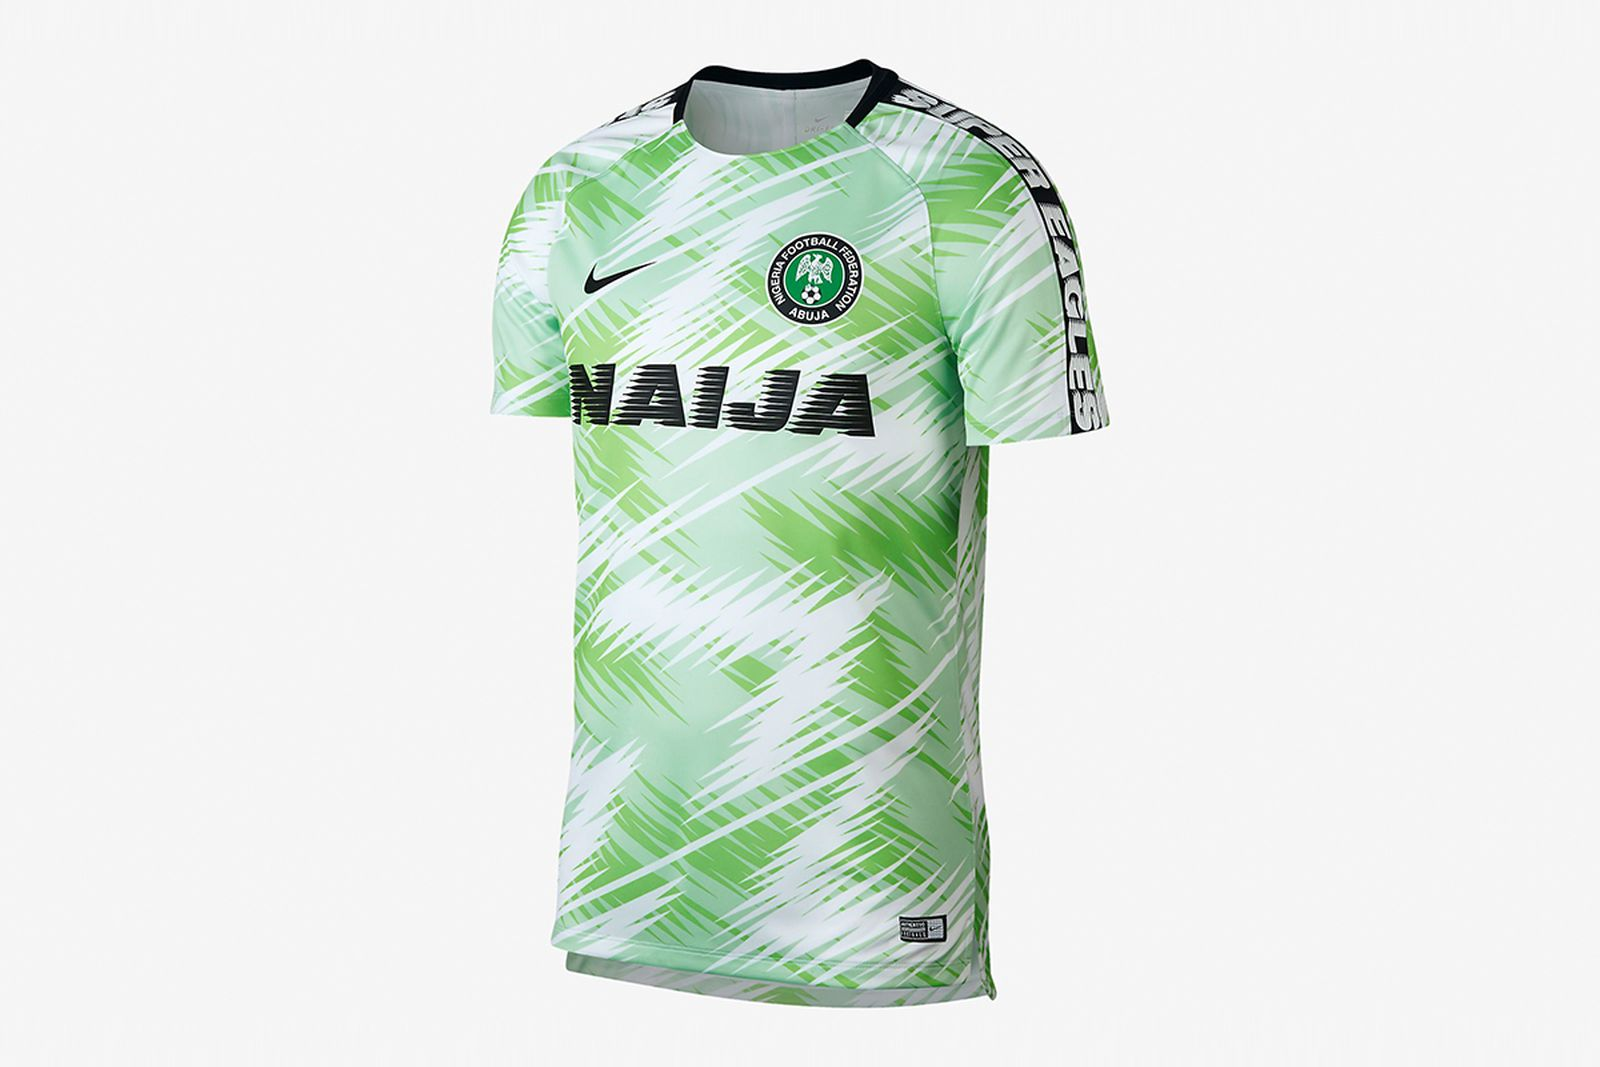 nigeria dri fit squad jersey 2018 FIFA World Cup nigeria football kit